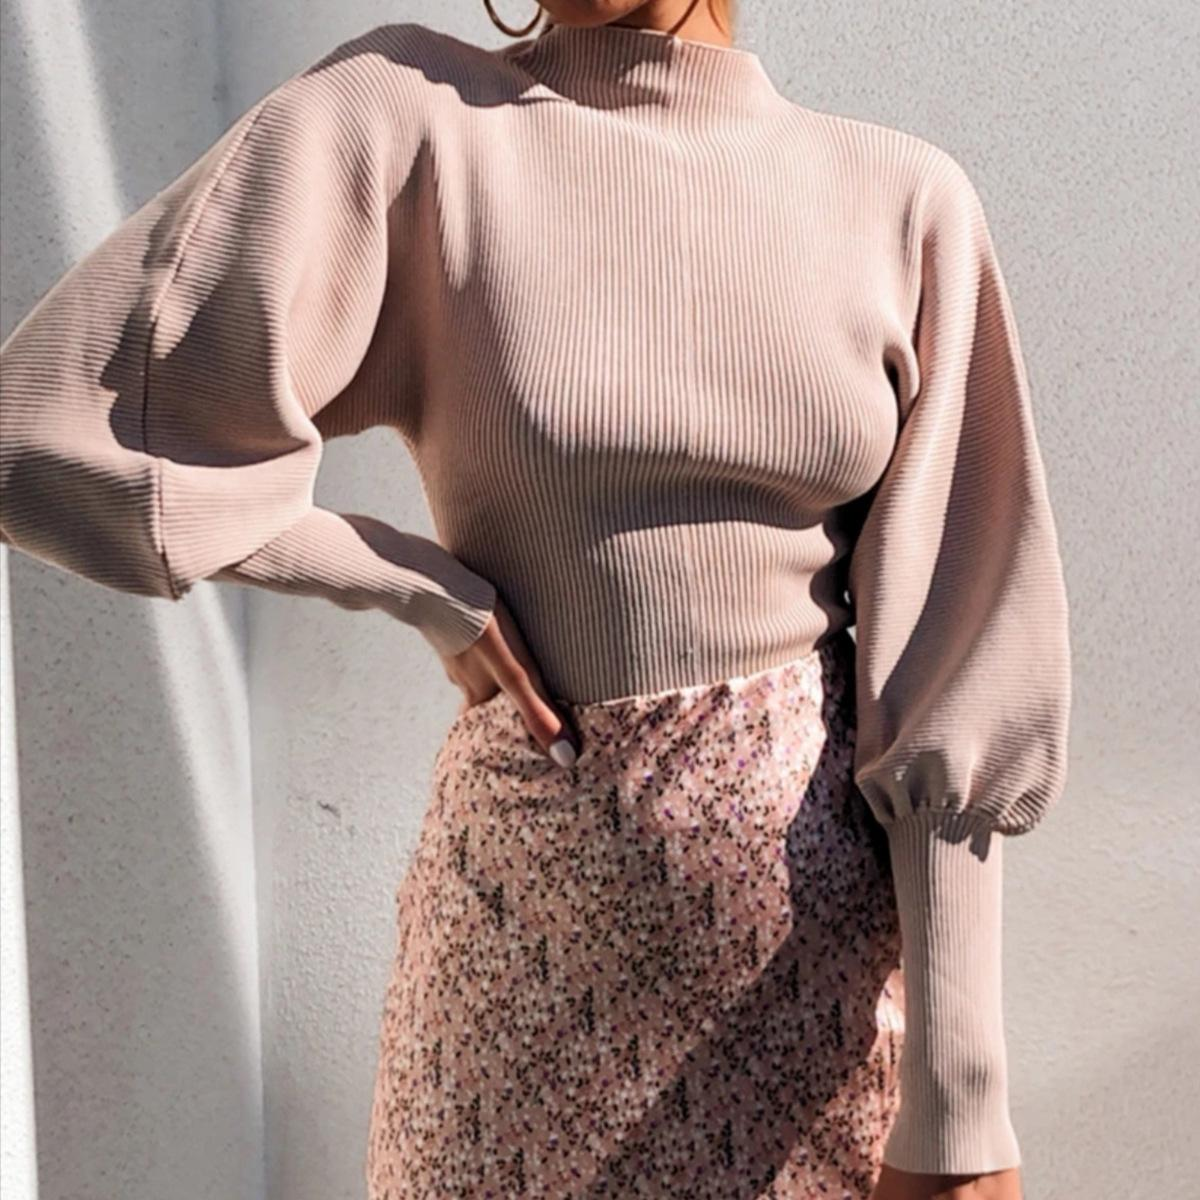 Damen Pullover 2020 heißen Verkauf-Frauen Art und Weise Laterne Hülsen-Normallack gestrickter Pullover Pullover Lässige Kleidung Tops